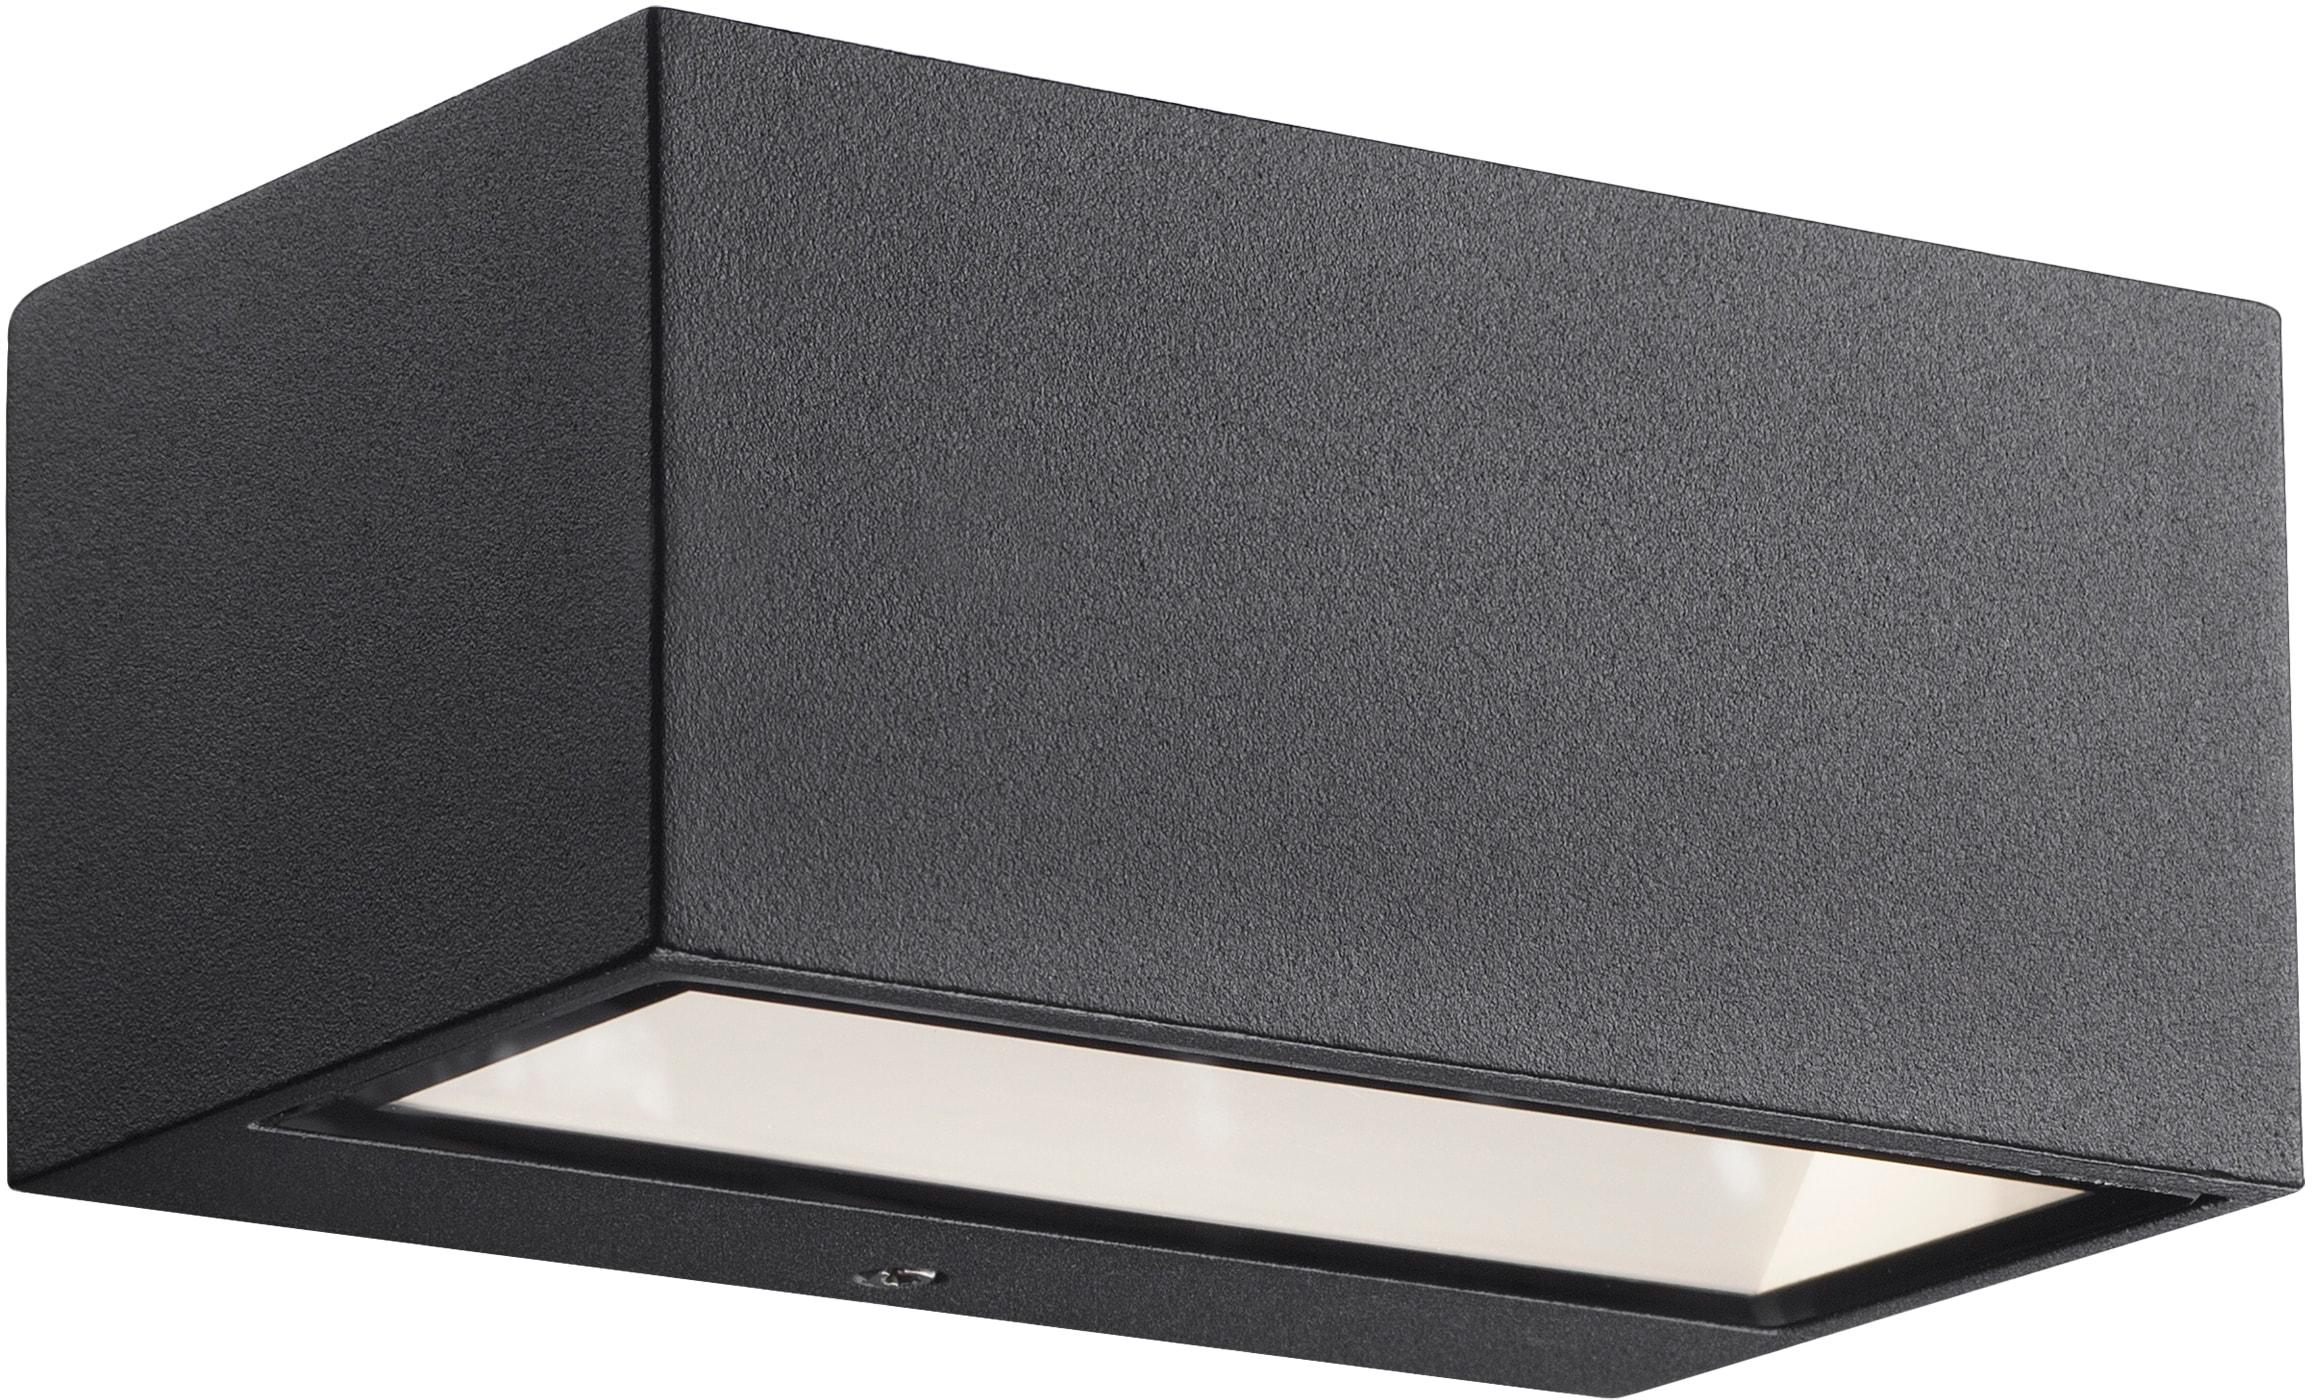 Nordlux LED Außen-Wandleuchte Nene, LED-Board, Warmweiß, LED Lebensdauer 25.000 h